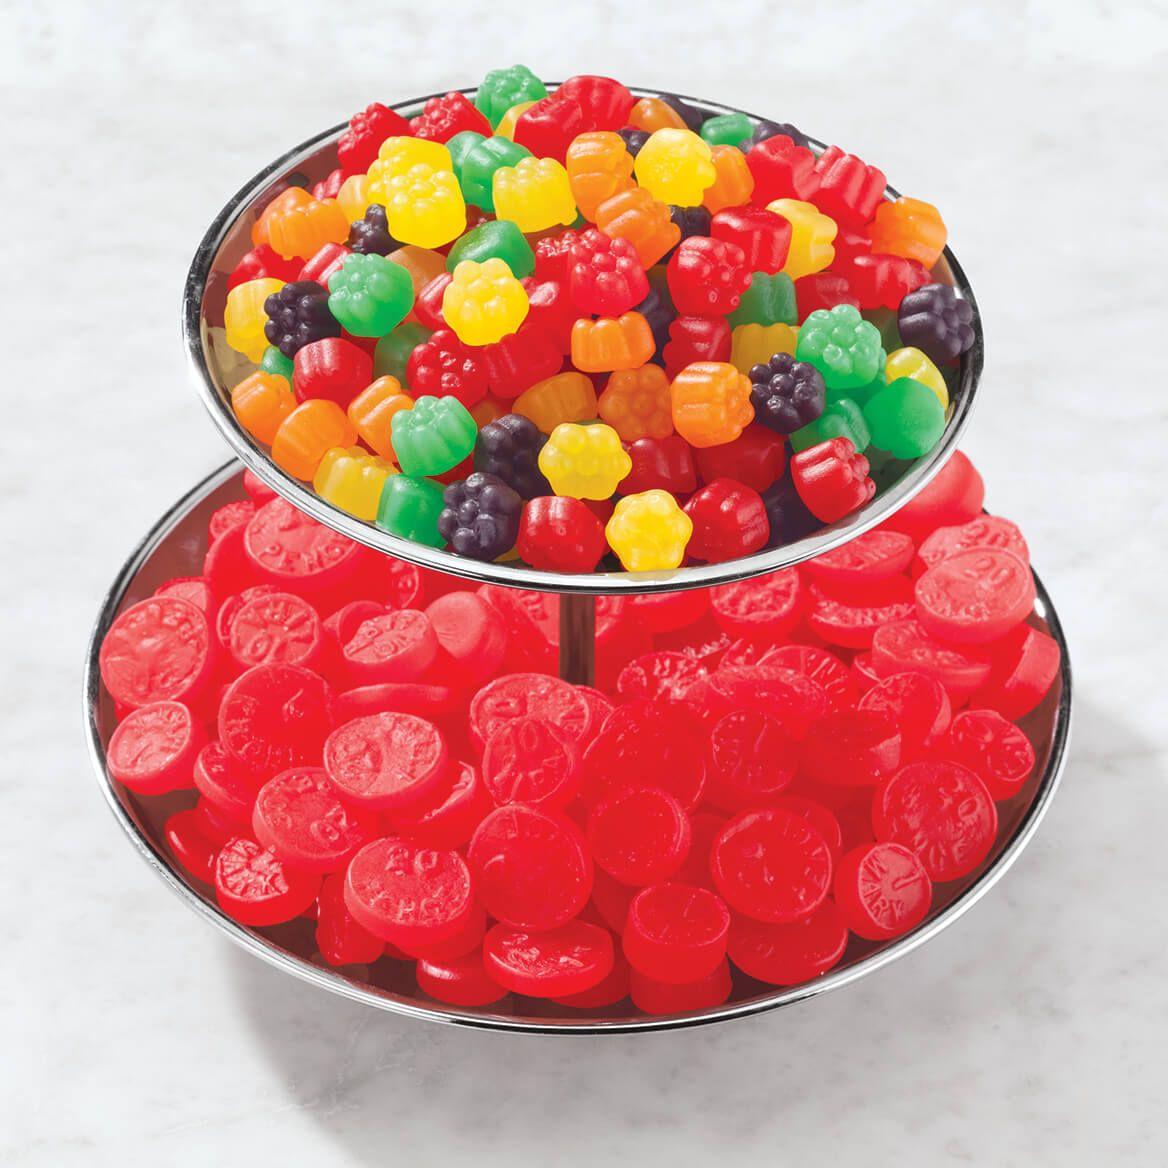 JuJu Coins, 28 oz. & JuJu Mixed Fruit, 28 oz.-362763